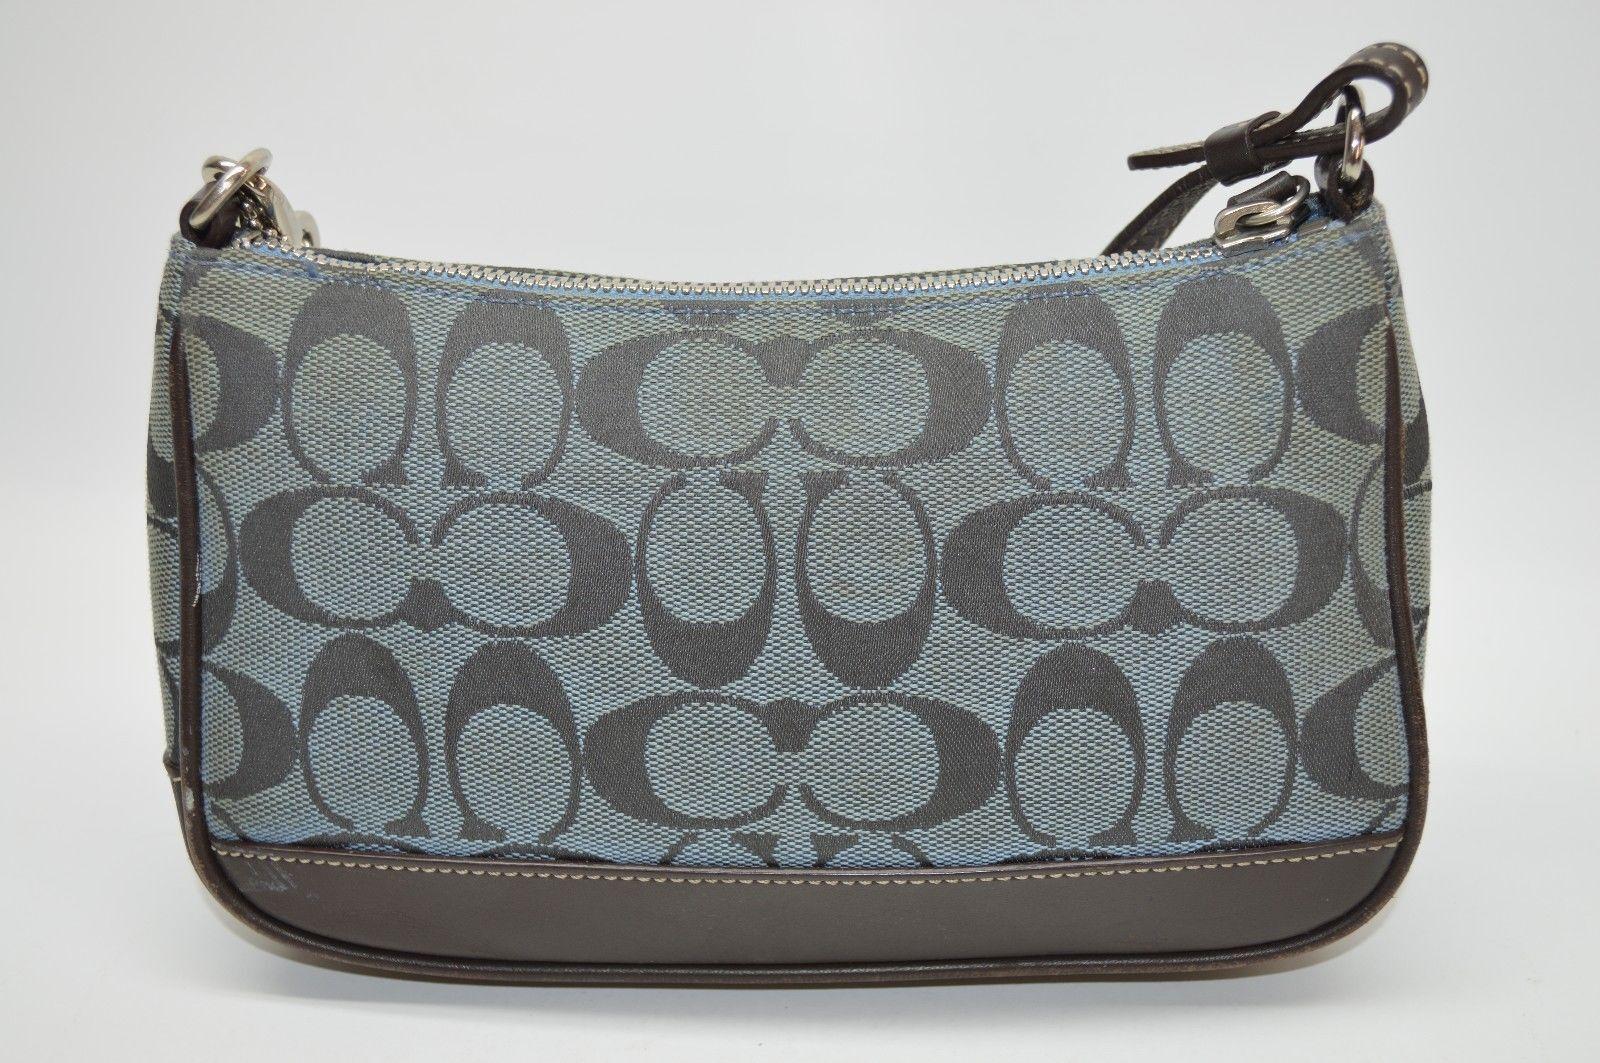 black coach purse outlet 7za1  top coach bags